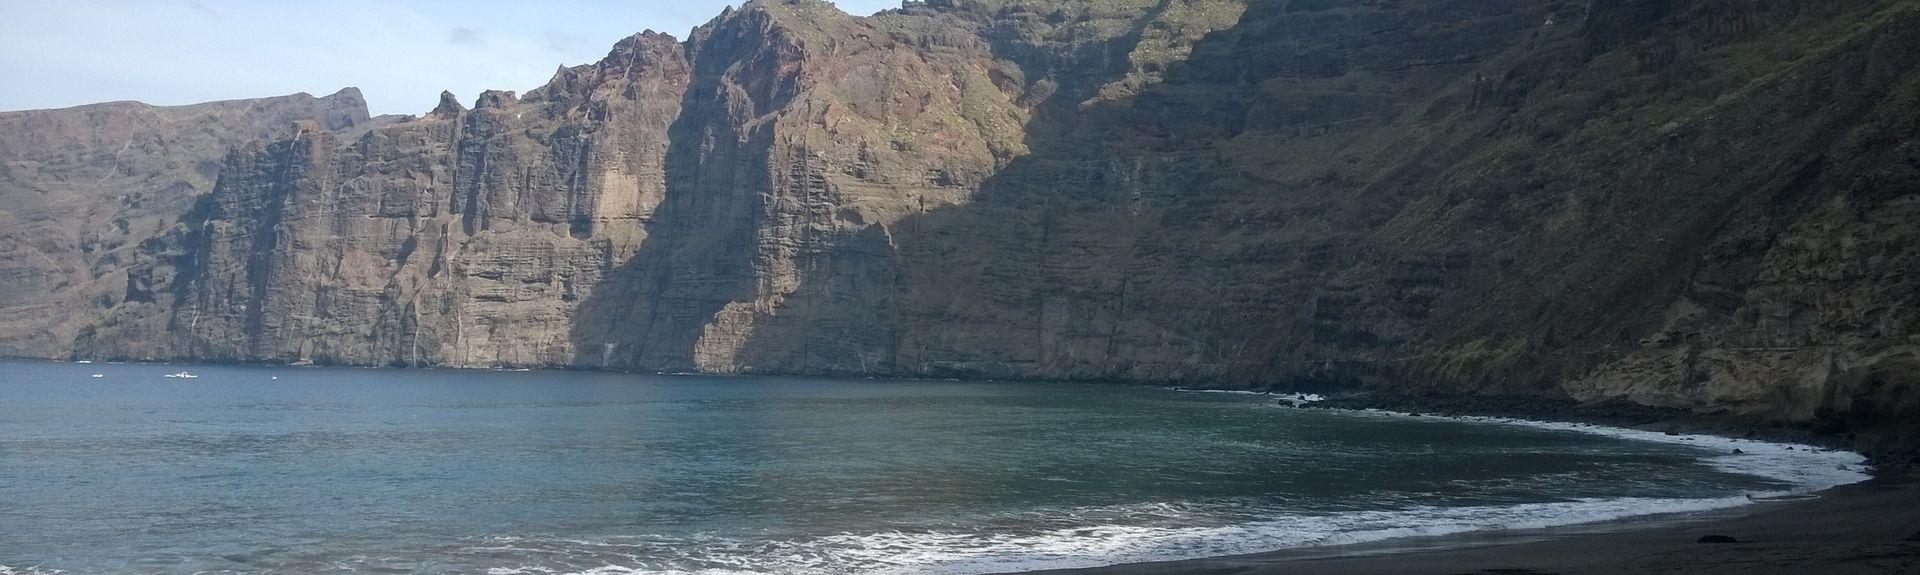 Puerto de Santiago, Canary Islands, Spain